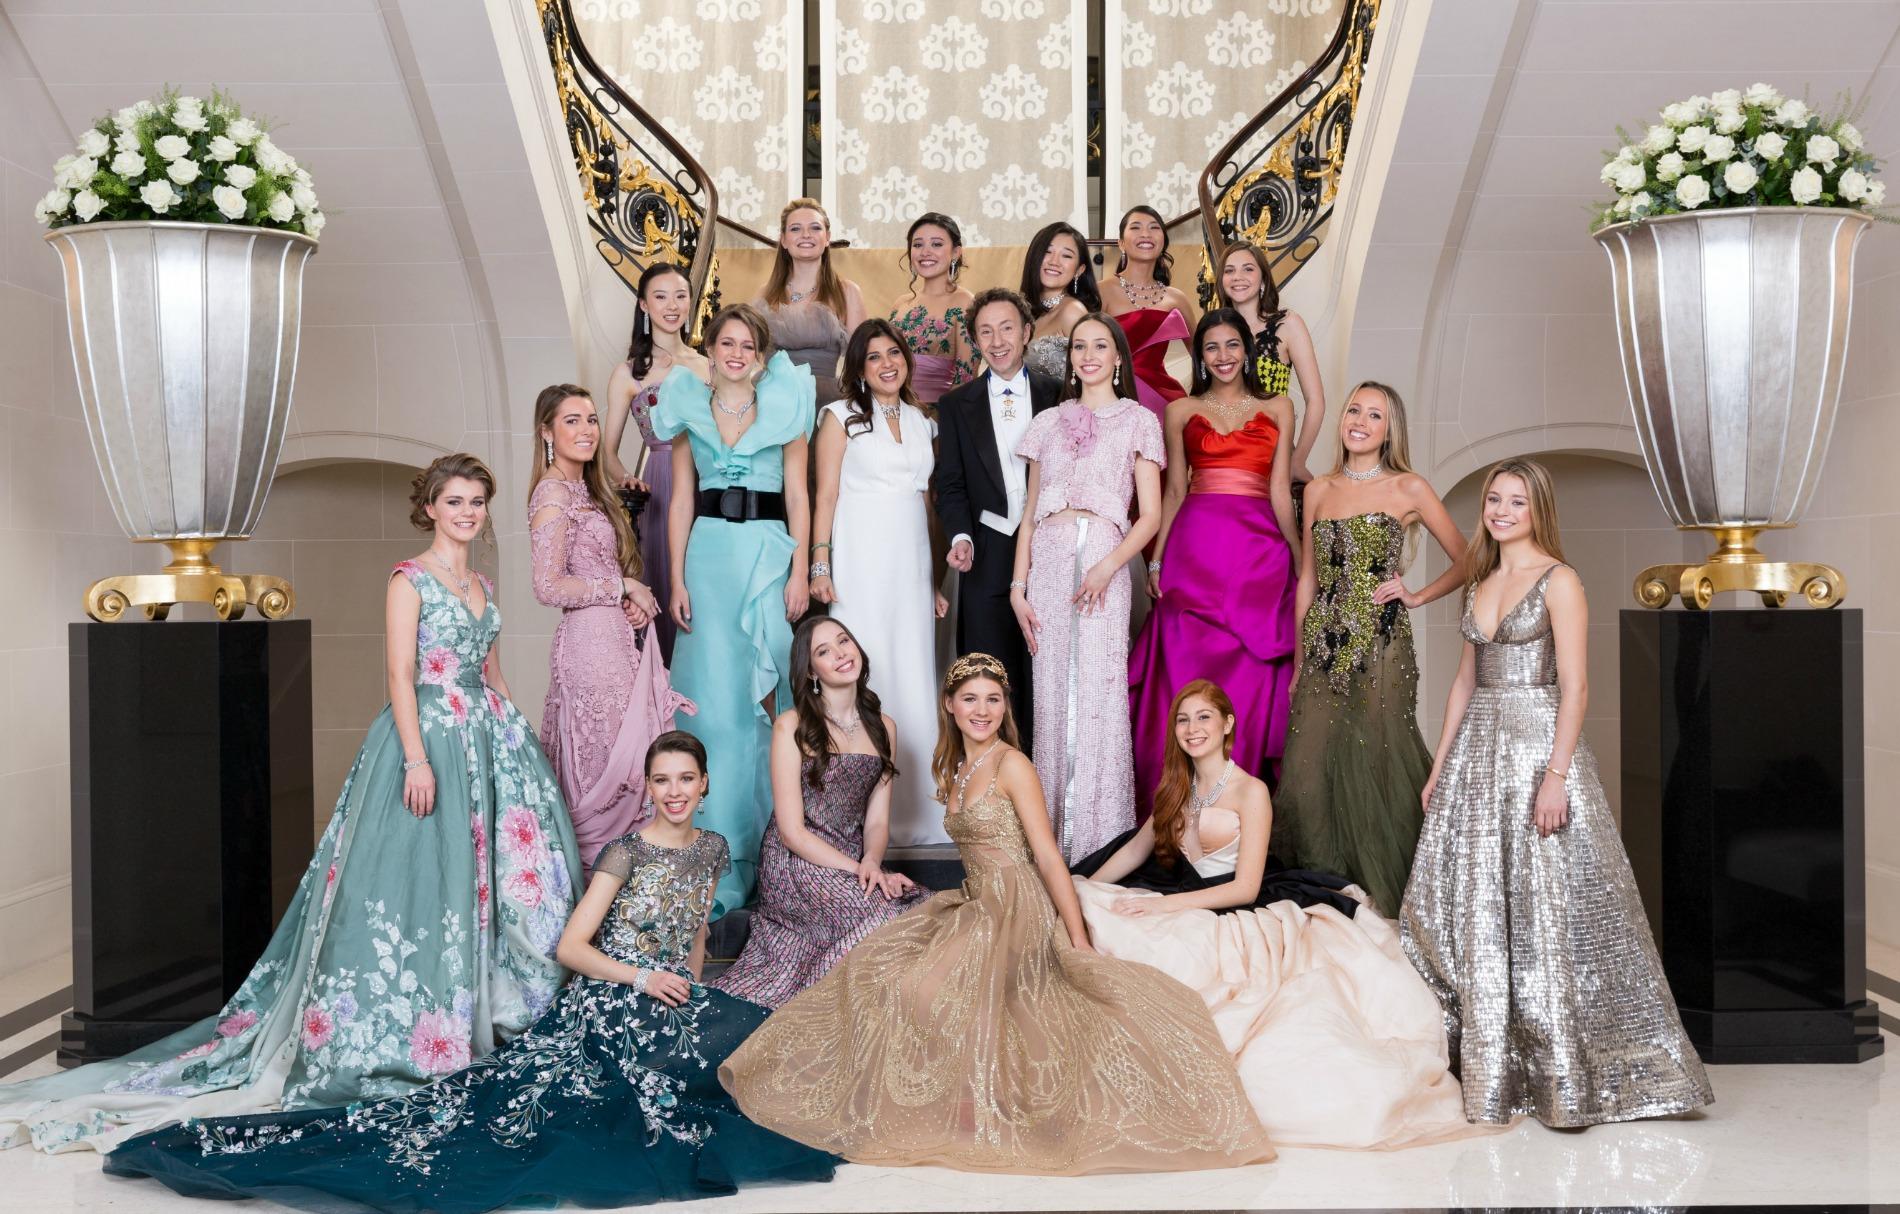 Le Bal des Débutantes 2016 - Les Déb'